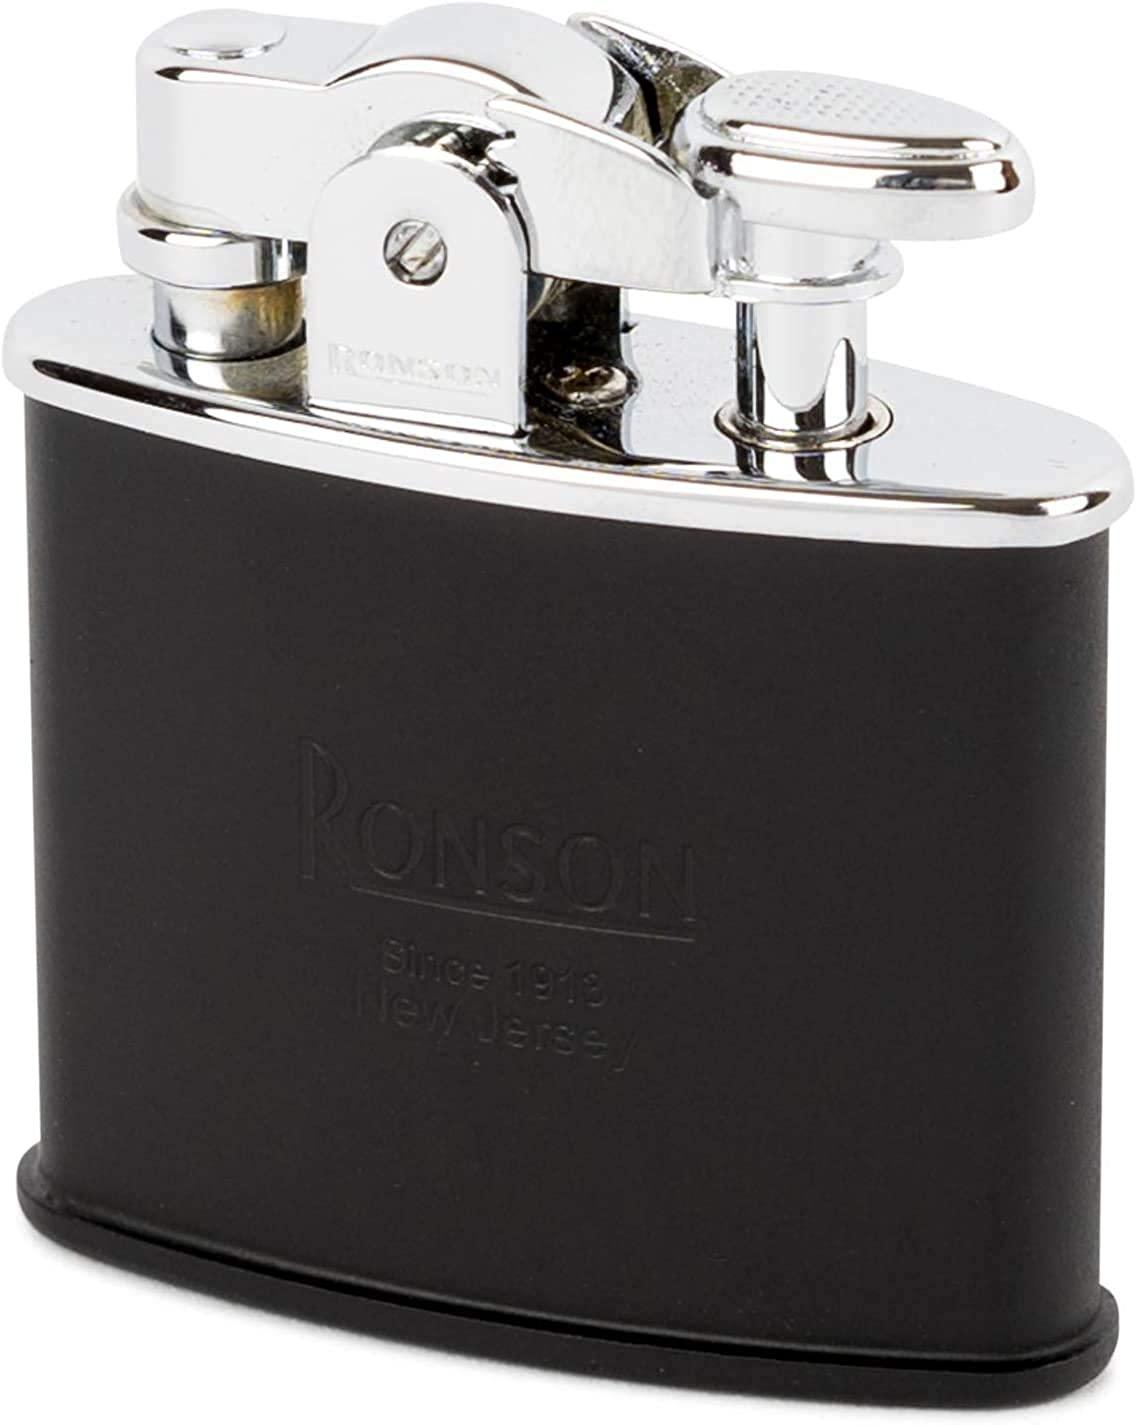 Ronson Nostalgia Standard Black Matt Soft Flame Petrol Lighter New Gift Boxed